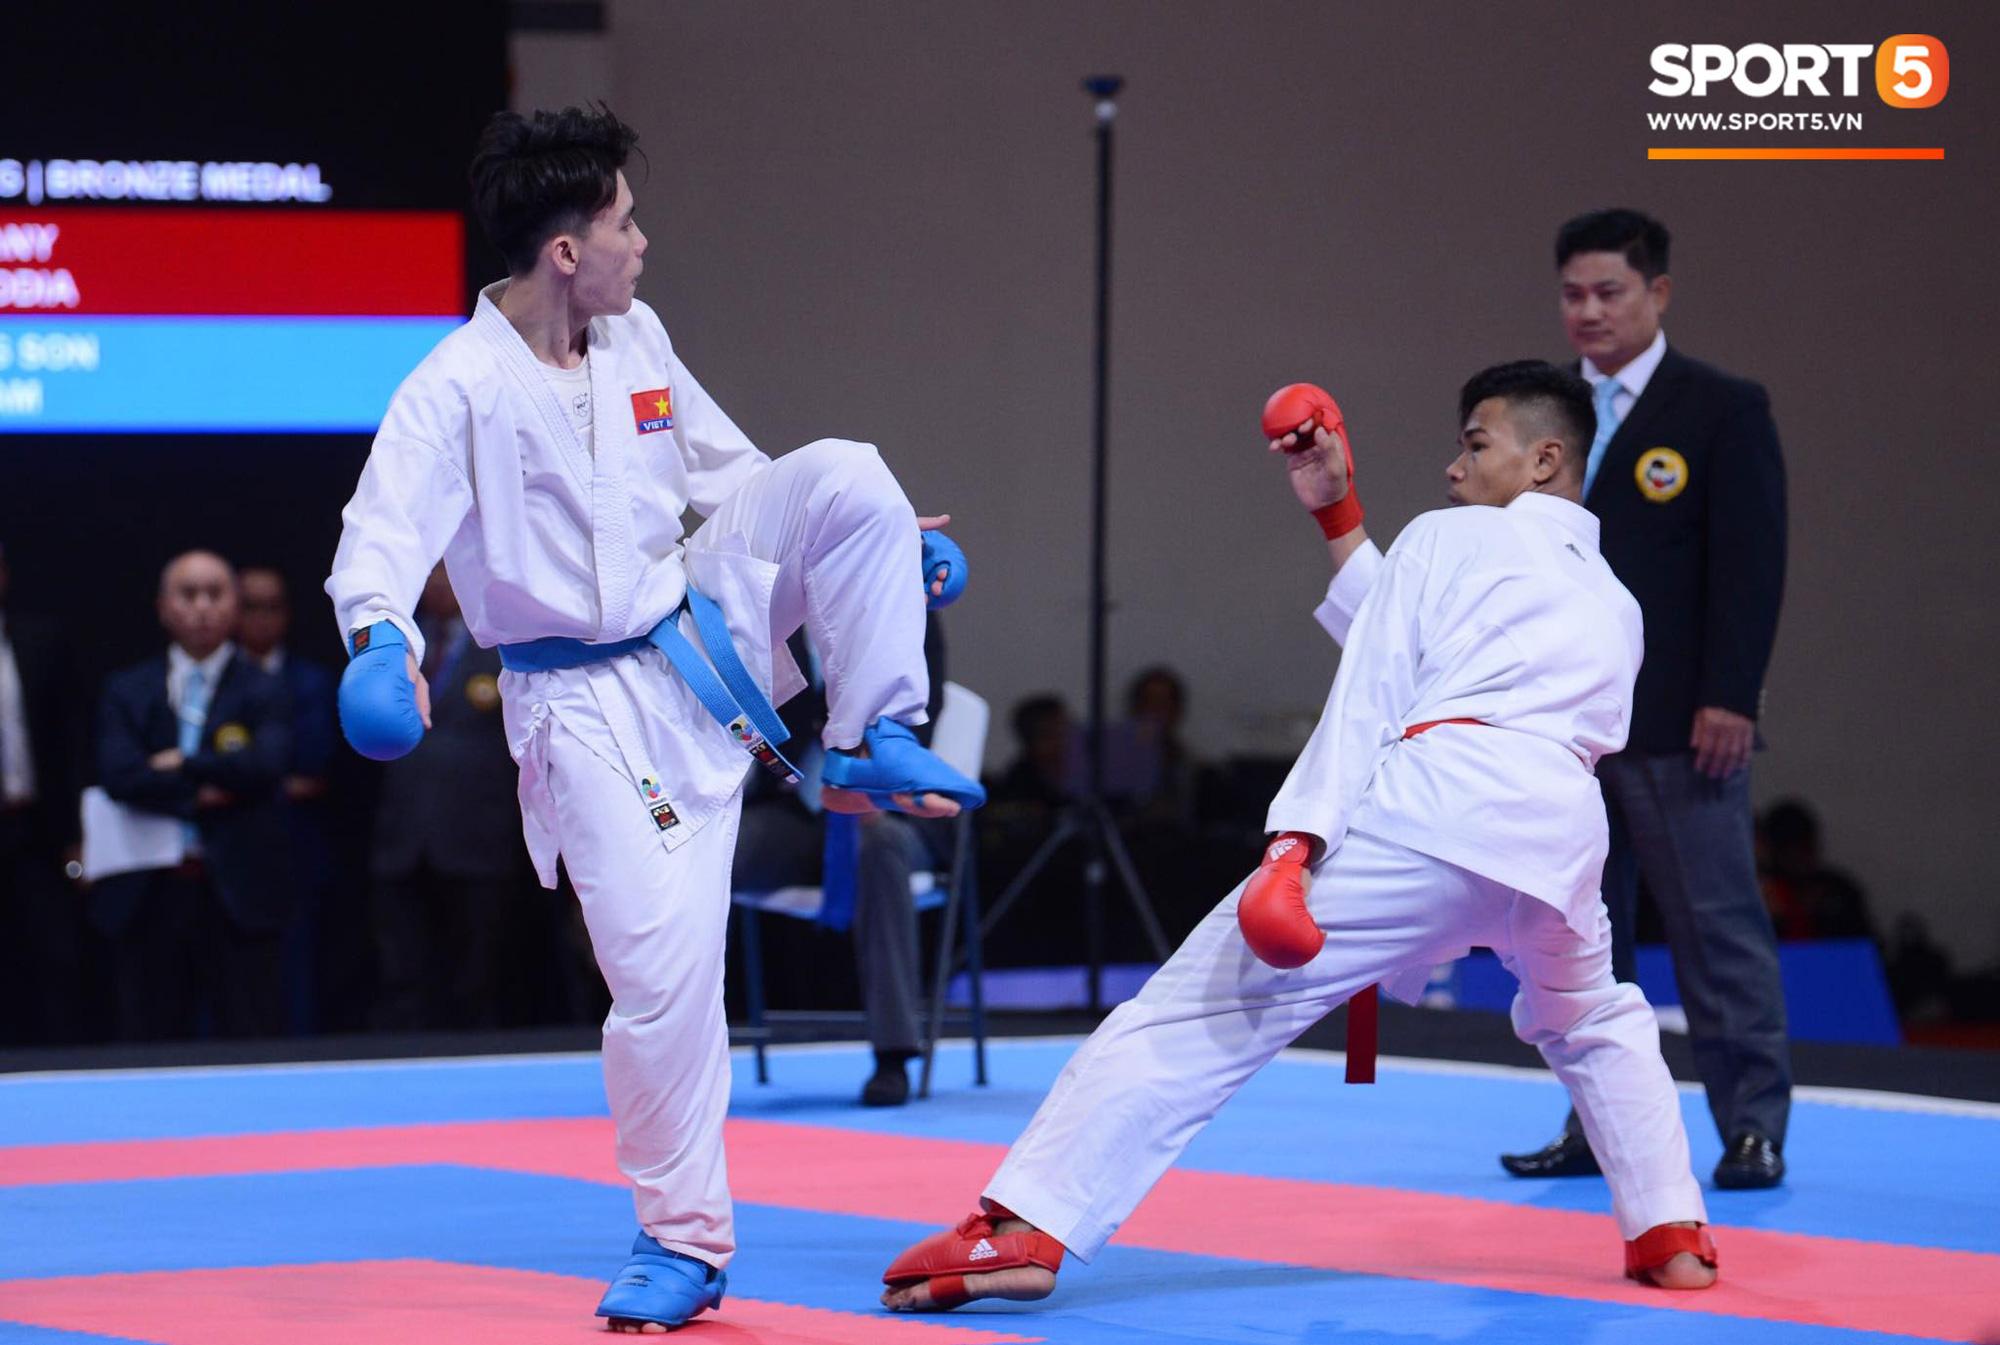 SEA Games ngày 8/12: Nữ hoàng điền kinh Tú Chinh vượt 2 VĐV nhập tịch trong tích tắc, xuất sắc giành HCV chung cuộc - Ảnh 52.